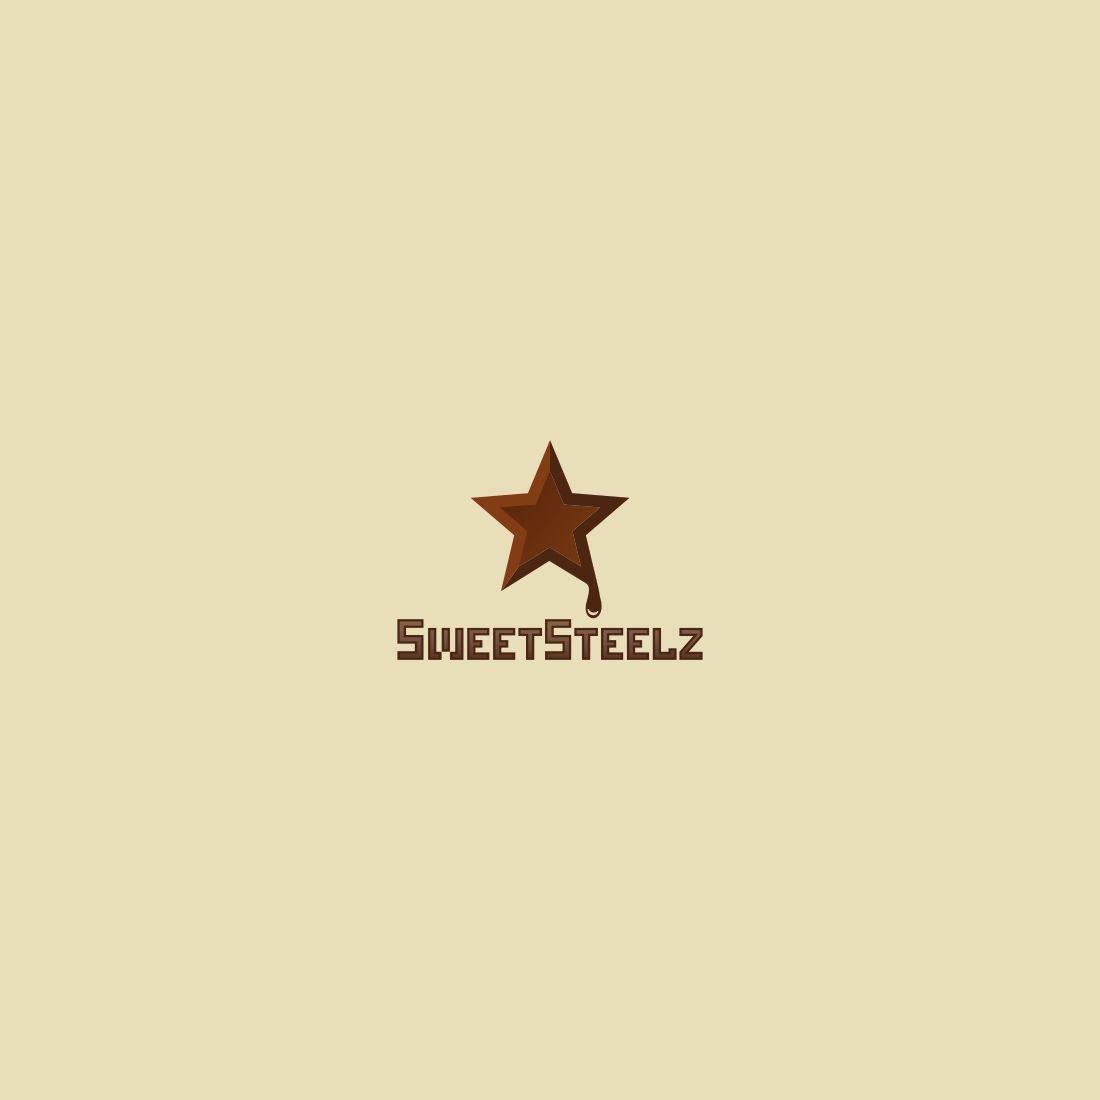 Лого и фирм. стиль для шоколадных военных моделей - дизайнер 4shark